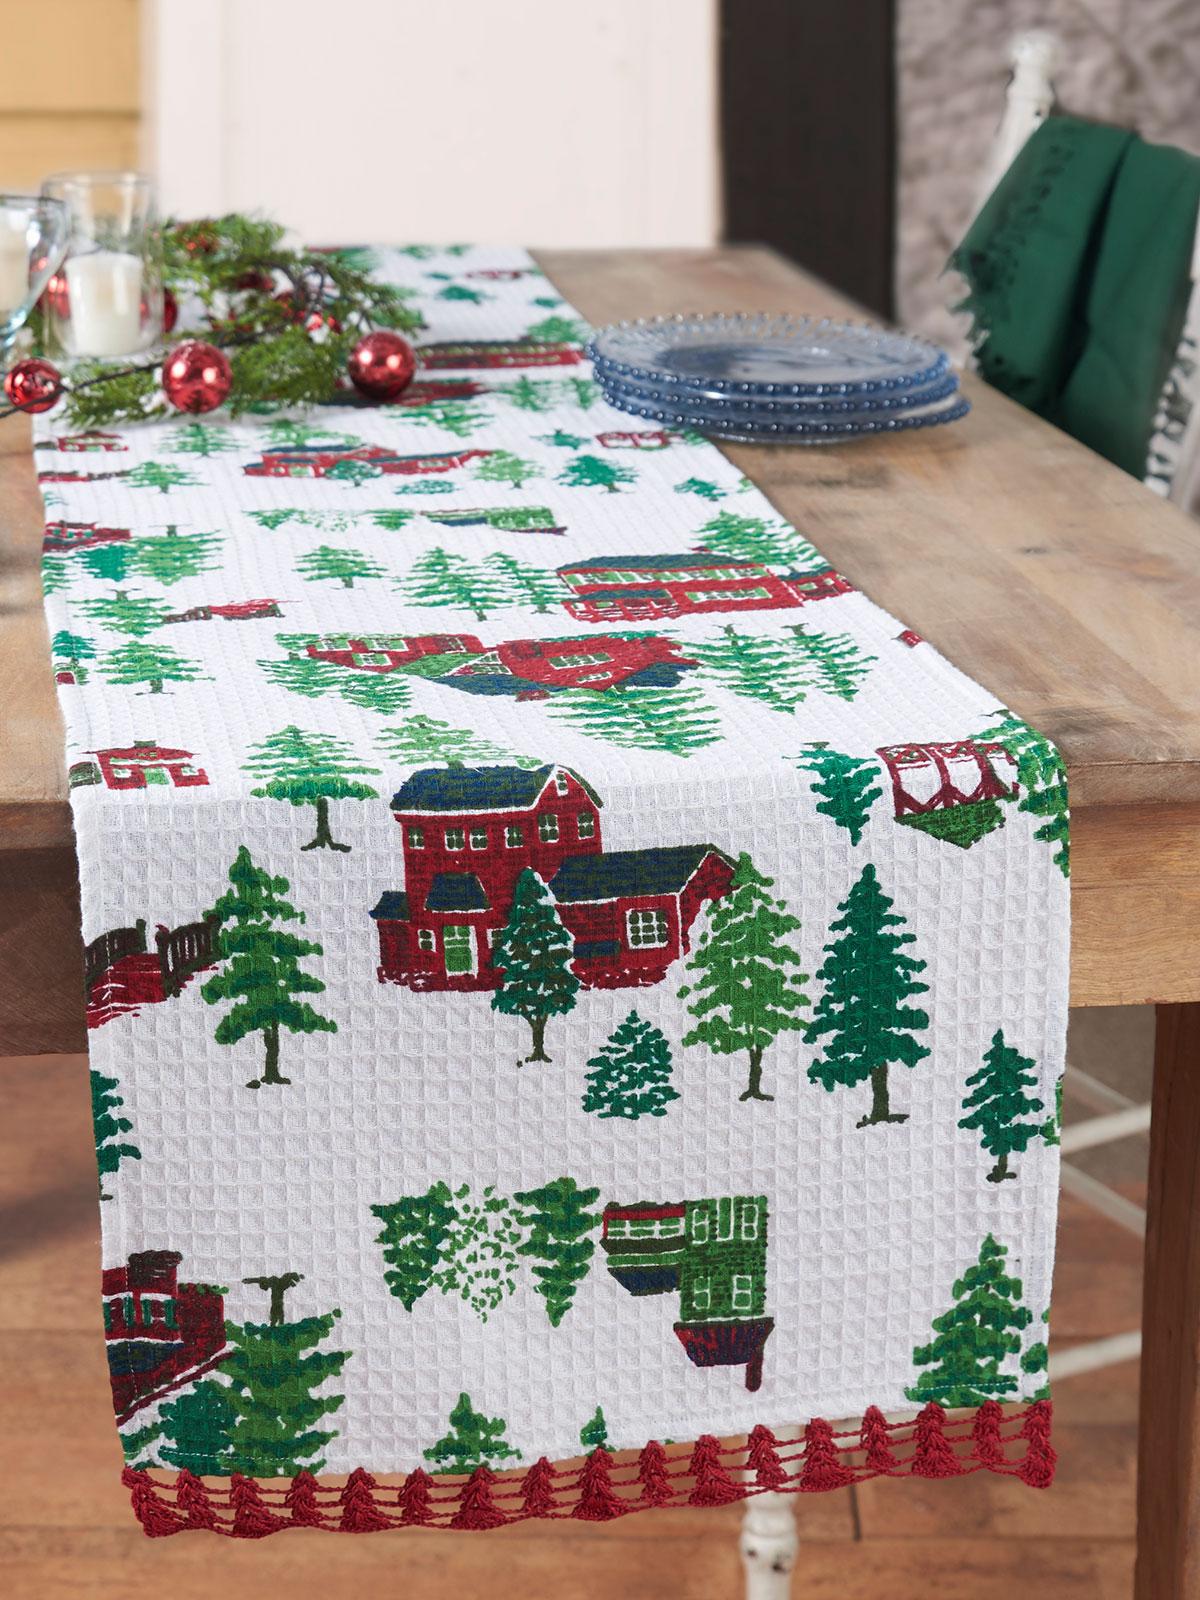 Christmas Village Crochet Runner